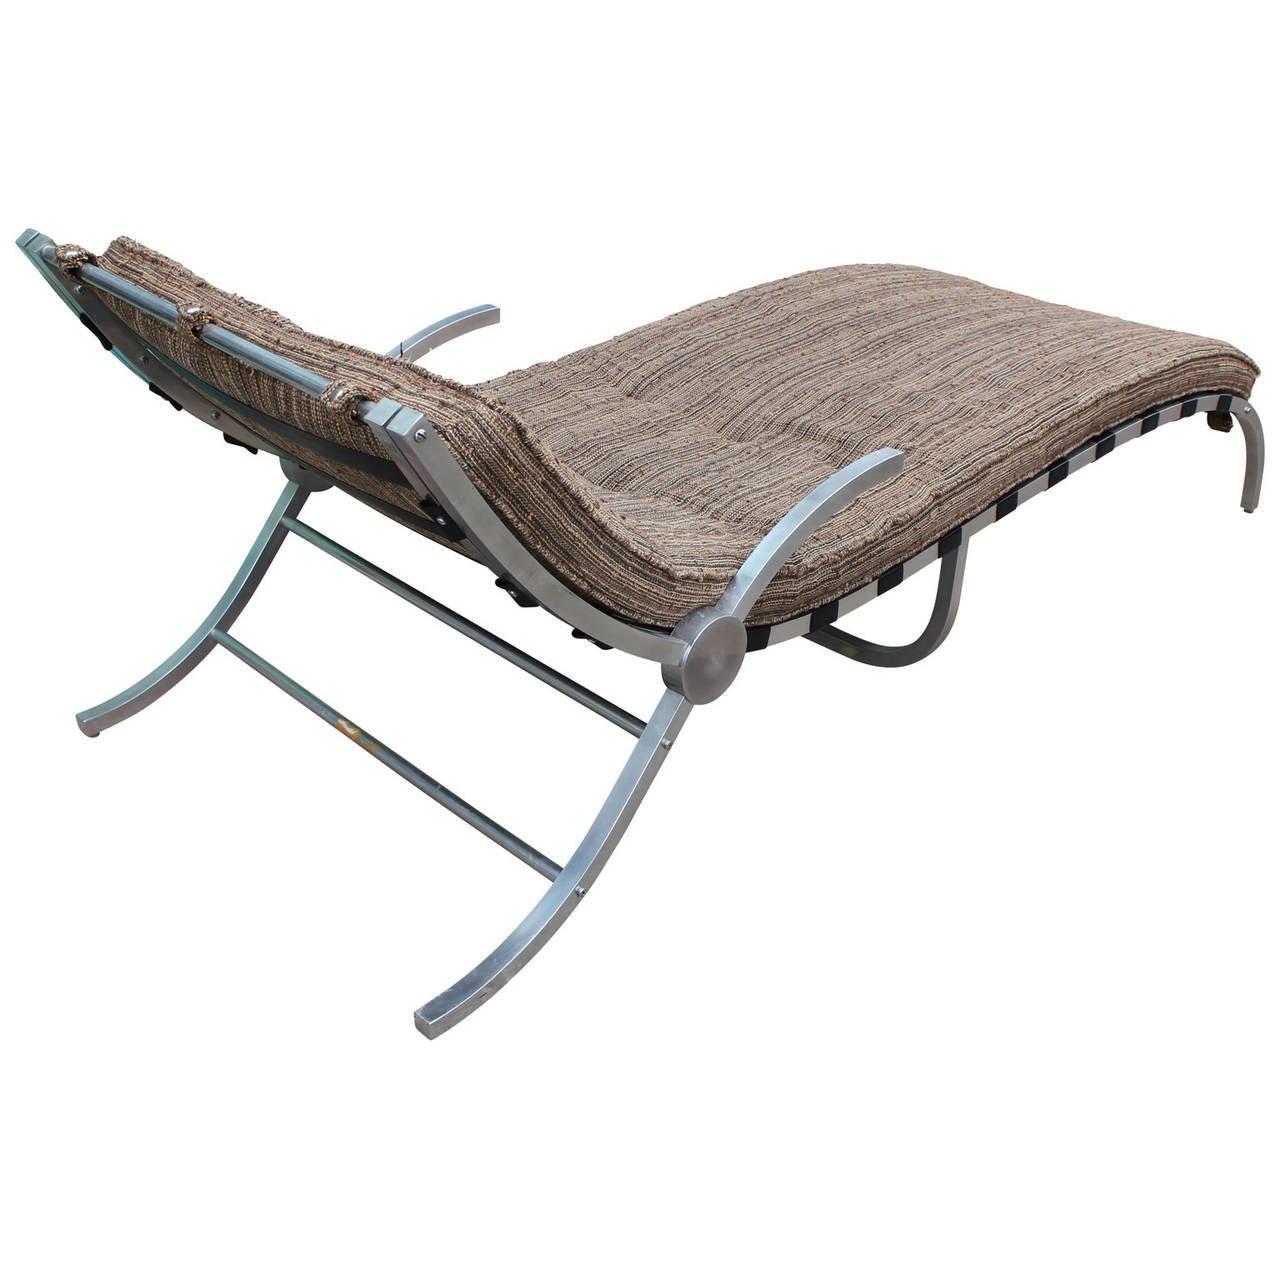 lidl fishing chair best ergonomic chairs australia chaise longue aluminium en et r